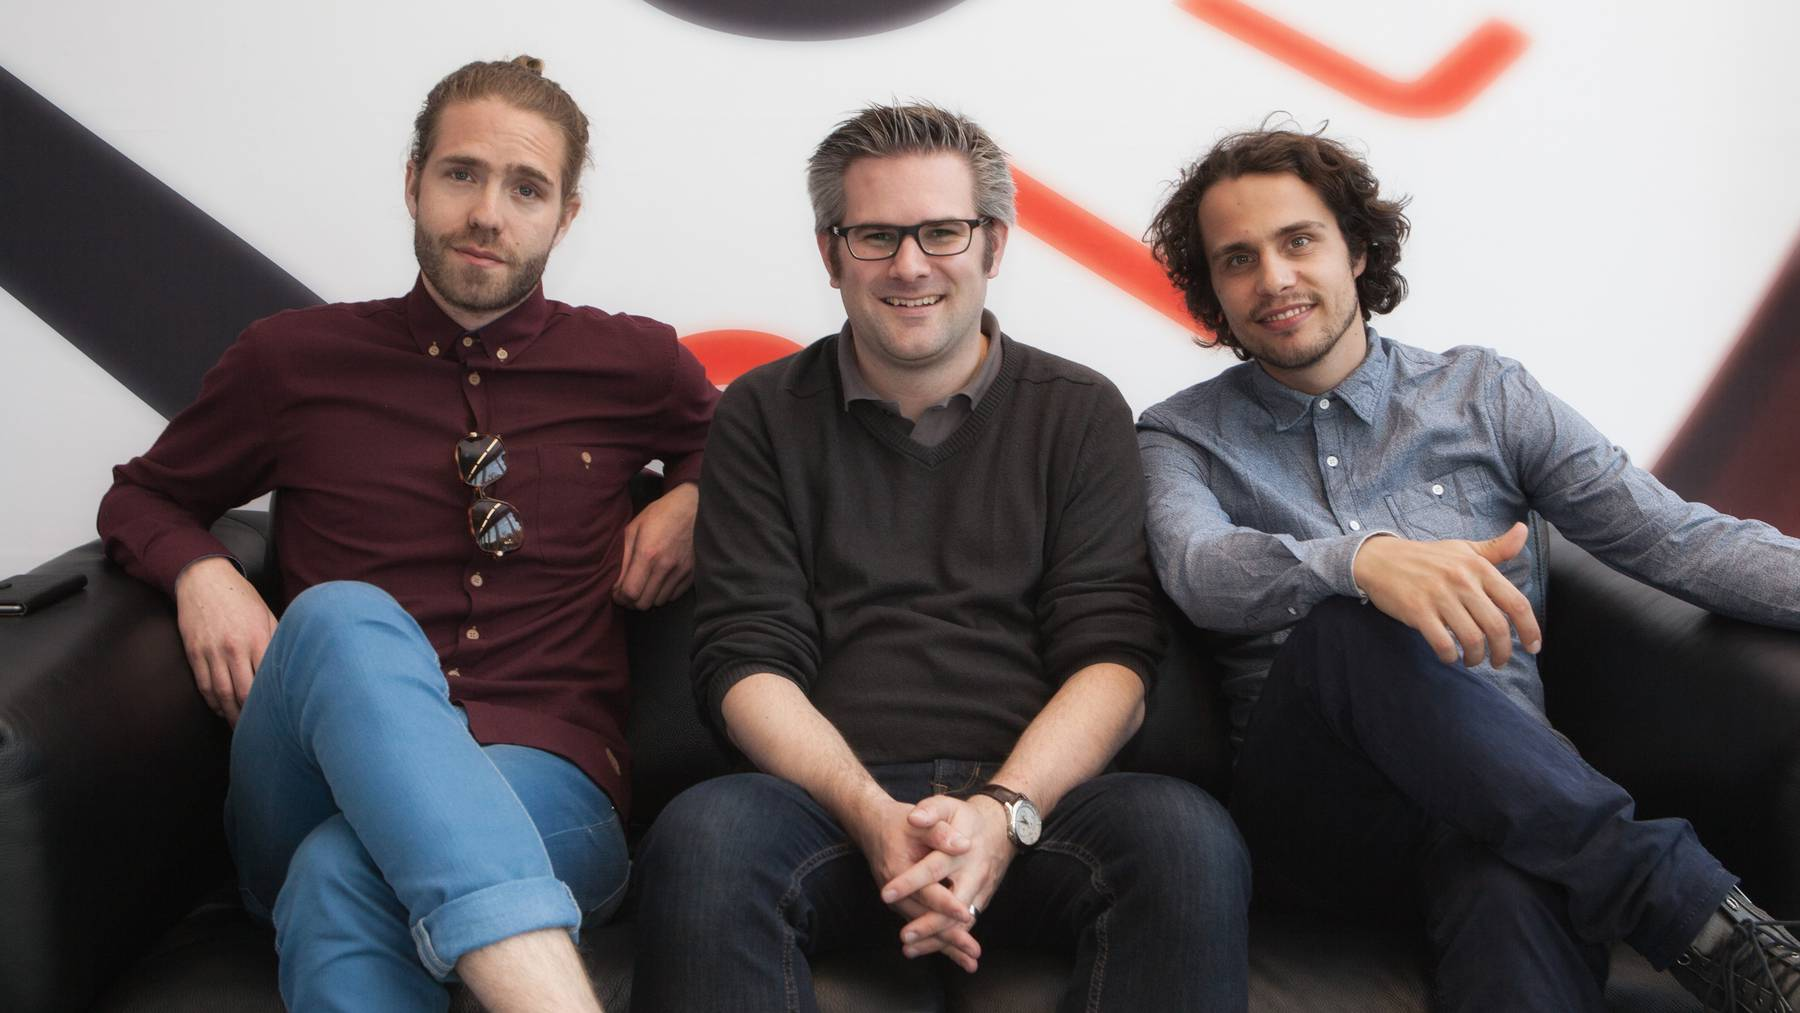 Lo & Leduc: Ihr neues Album ist da